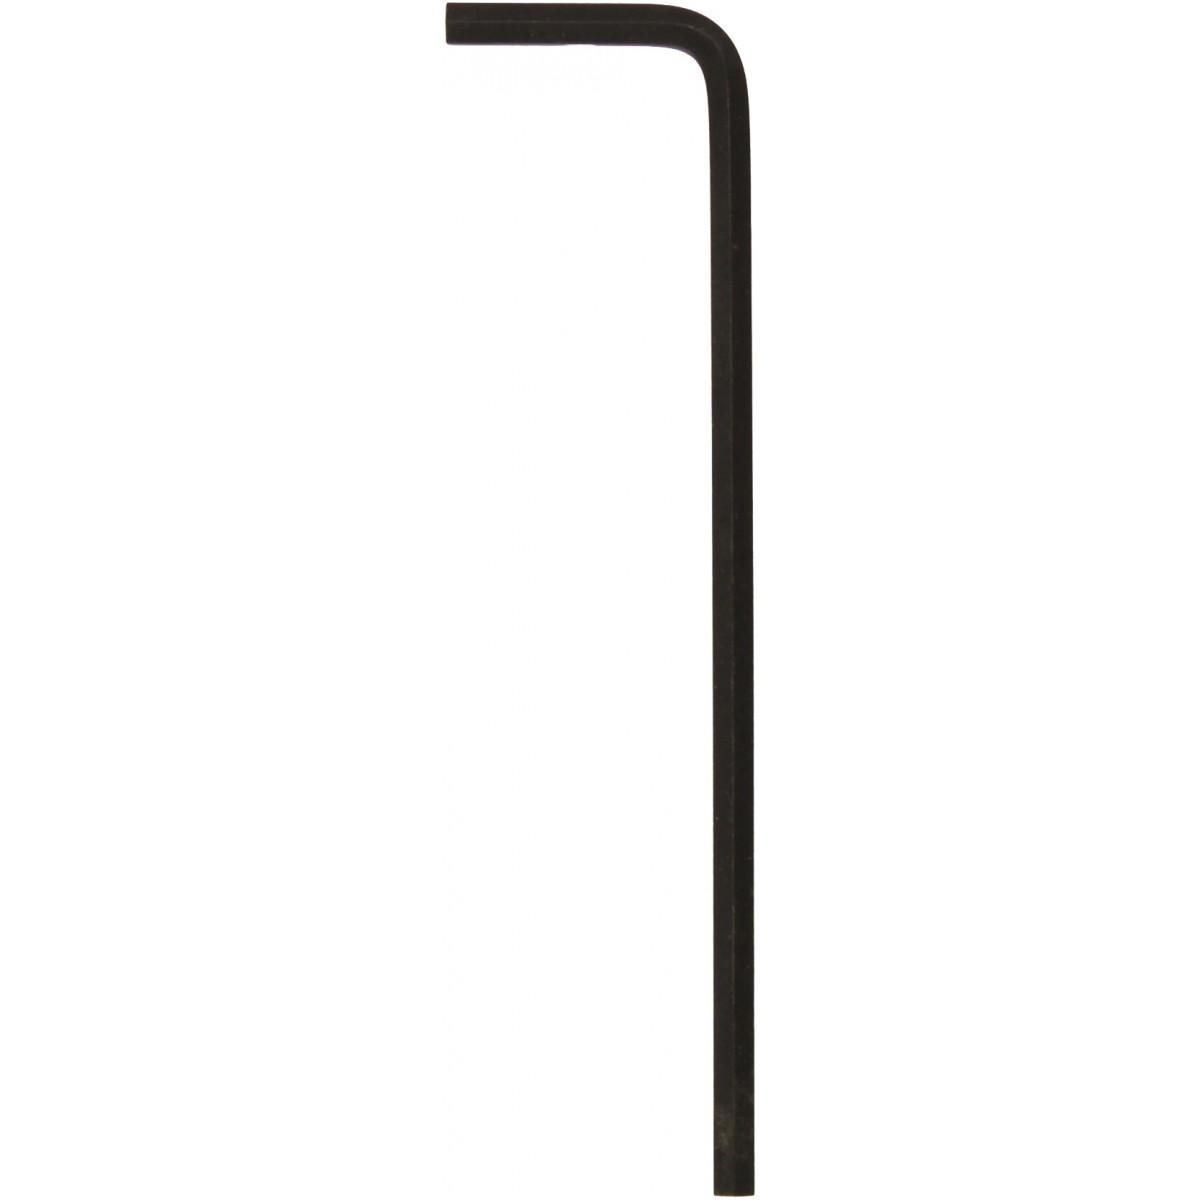 Clé mâle coudée série longue Facom - Dimensions 10 mm